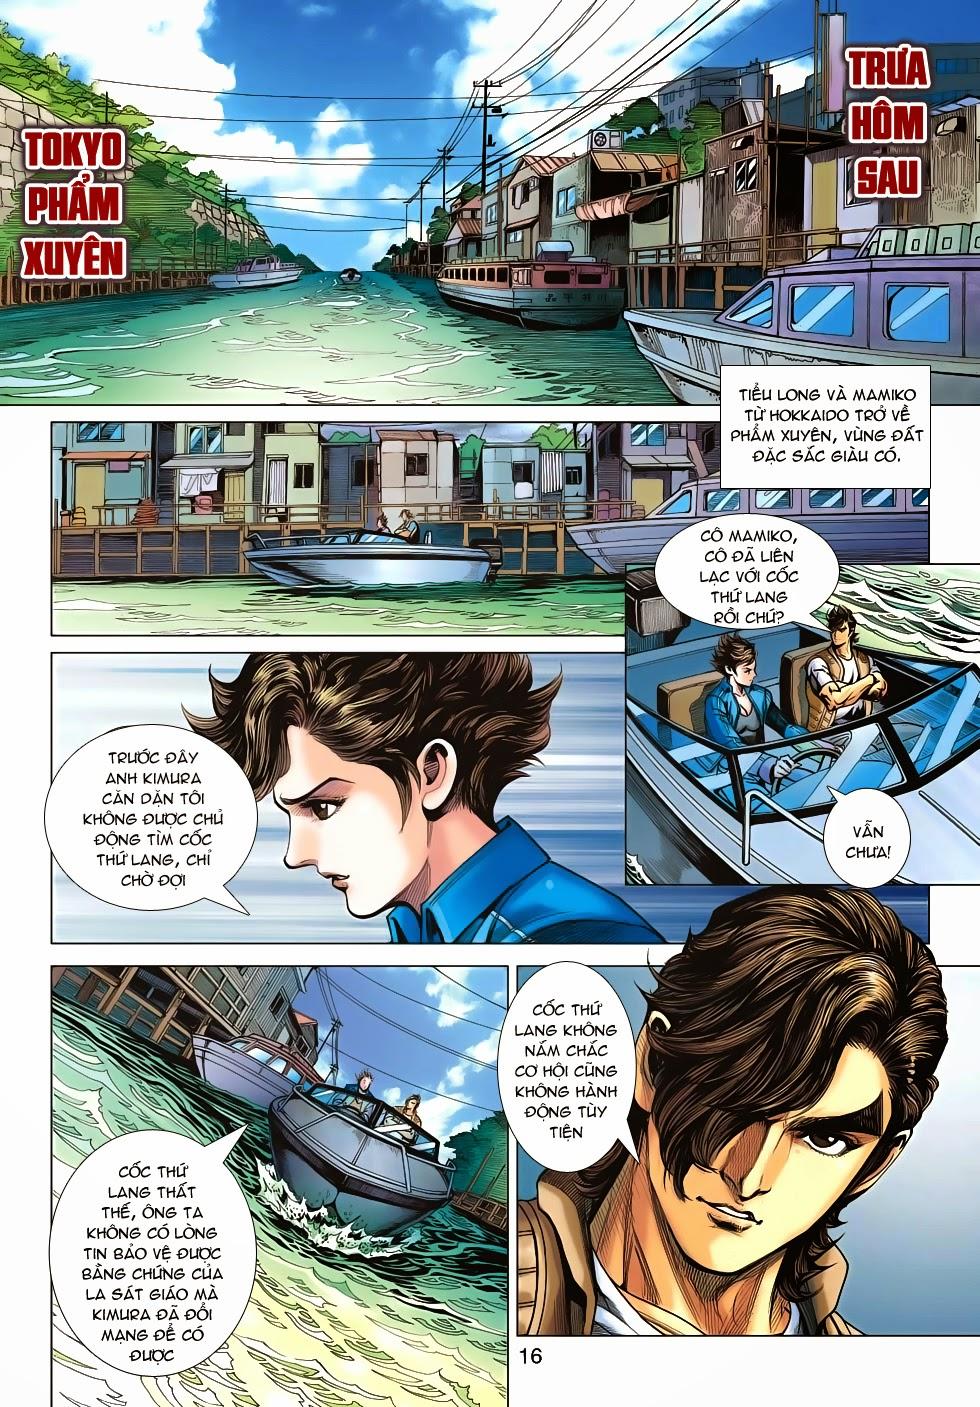 Tân Tác Long Hổ Môn chap 626 - Trang 16